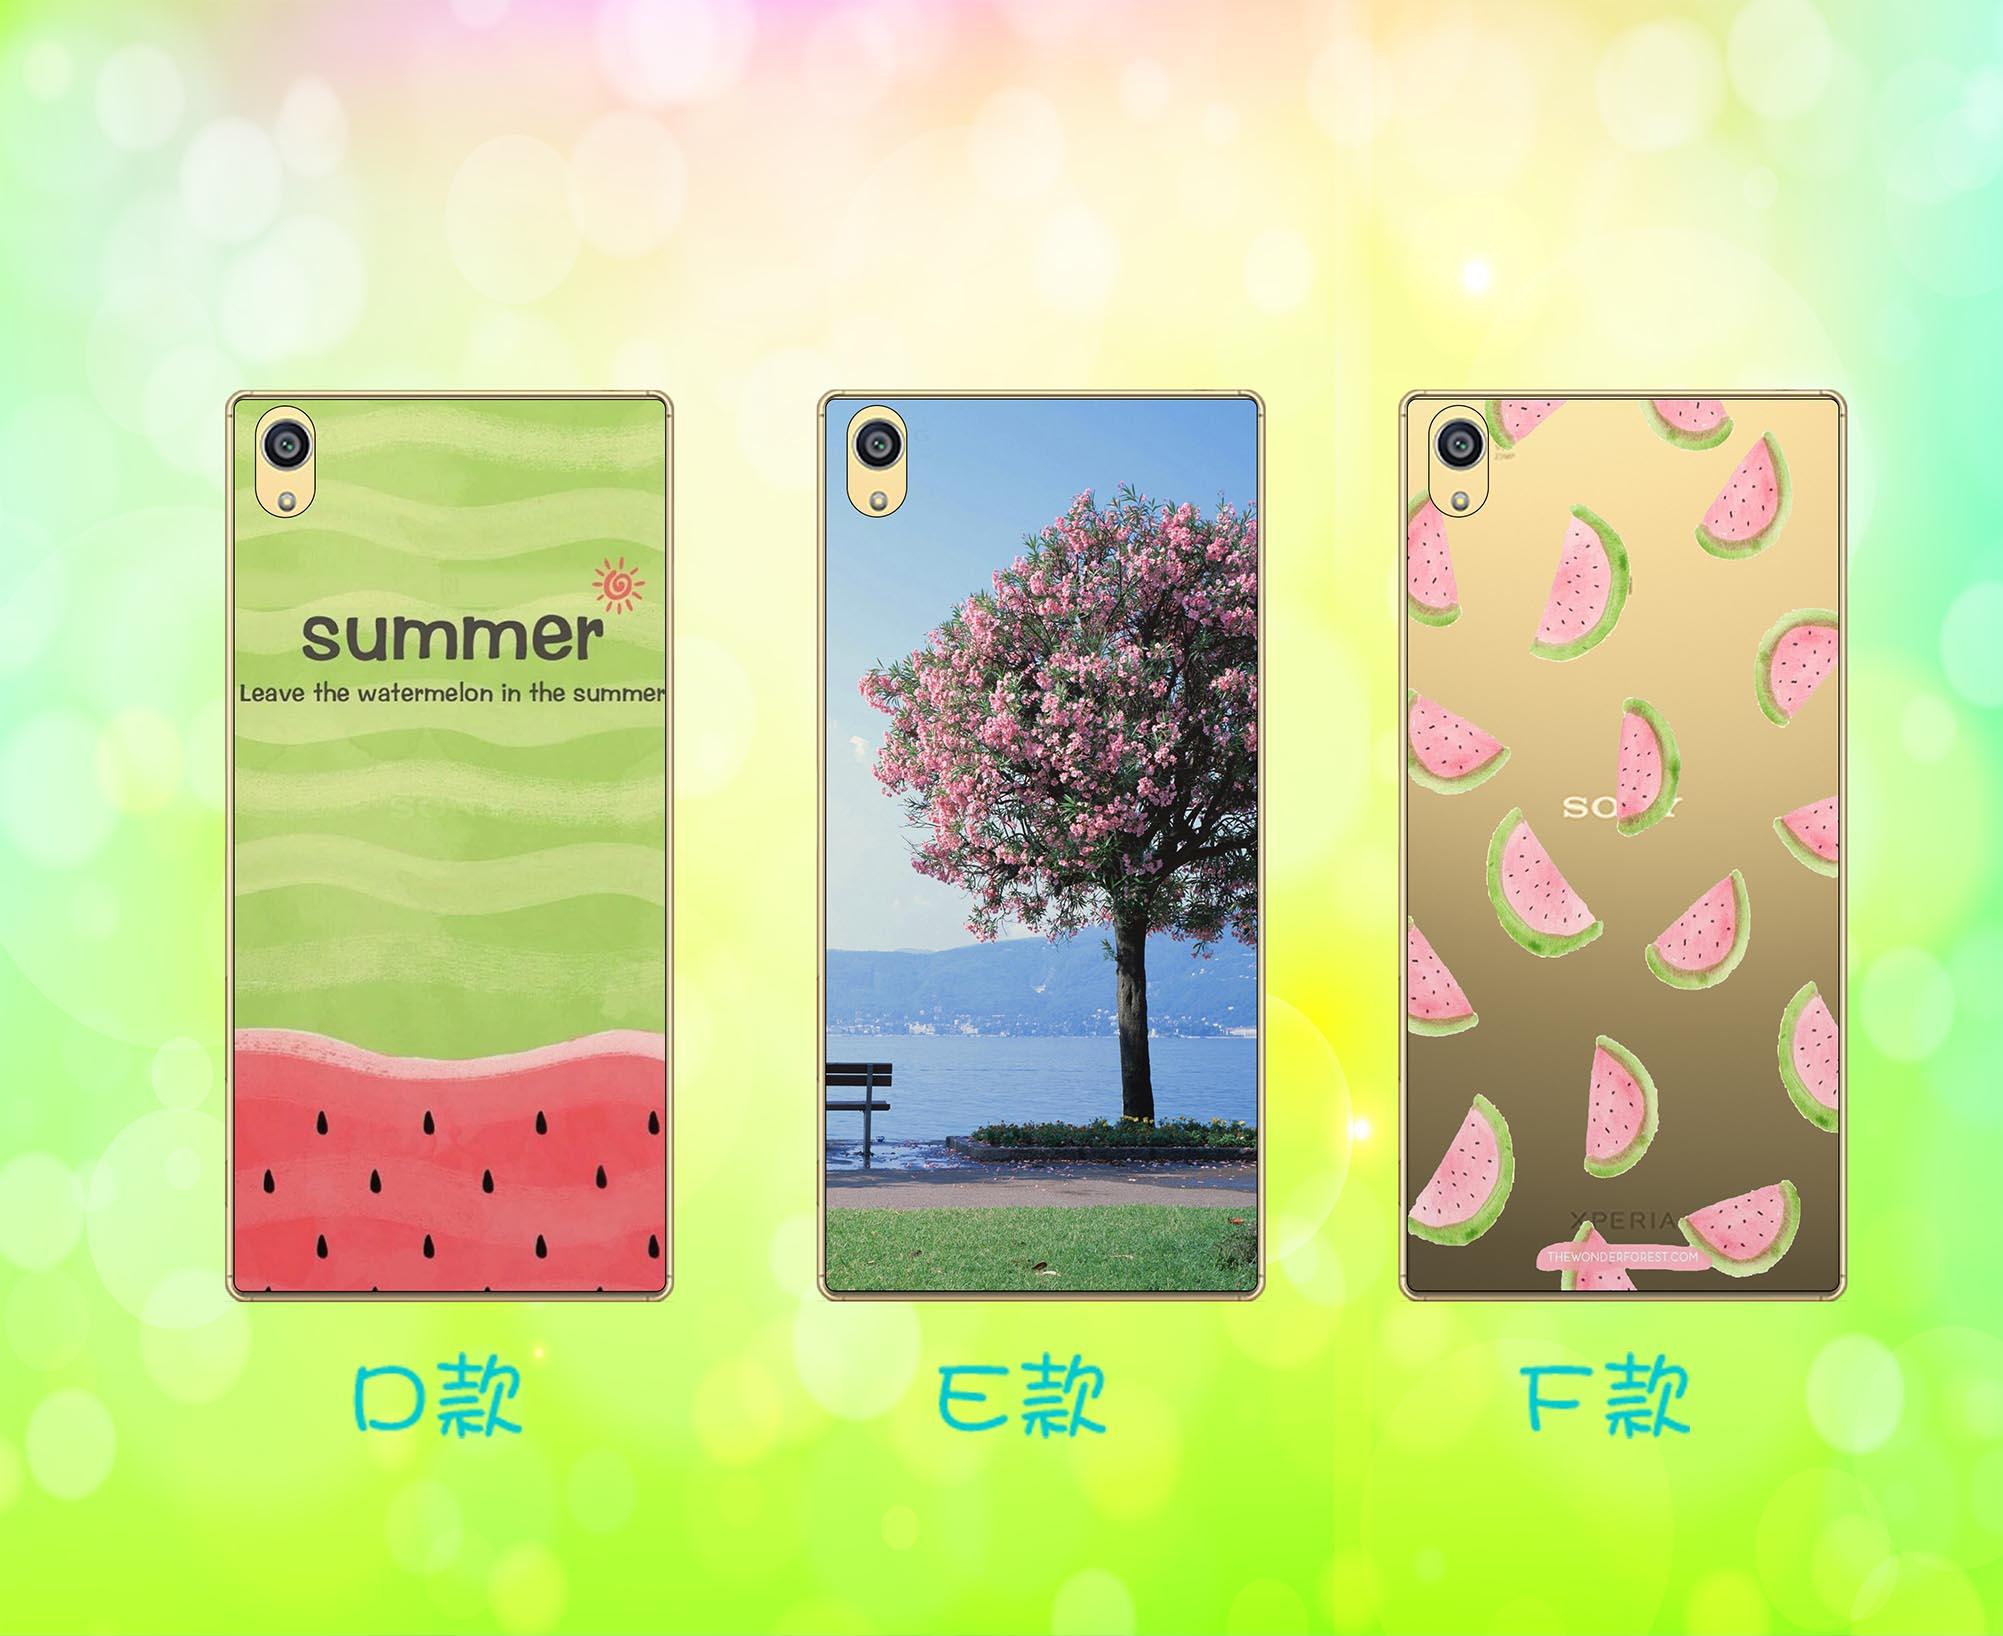 [SONY] ✨ 夏日系列透明軟殼 ✨ 日本工藝超精細[Z2,Z3,Z4,Z5,Z5+,Z5C,C4,C5,M4,M5] 0